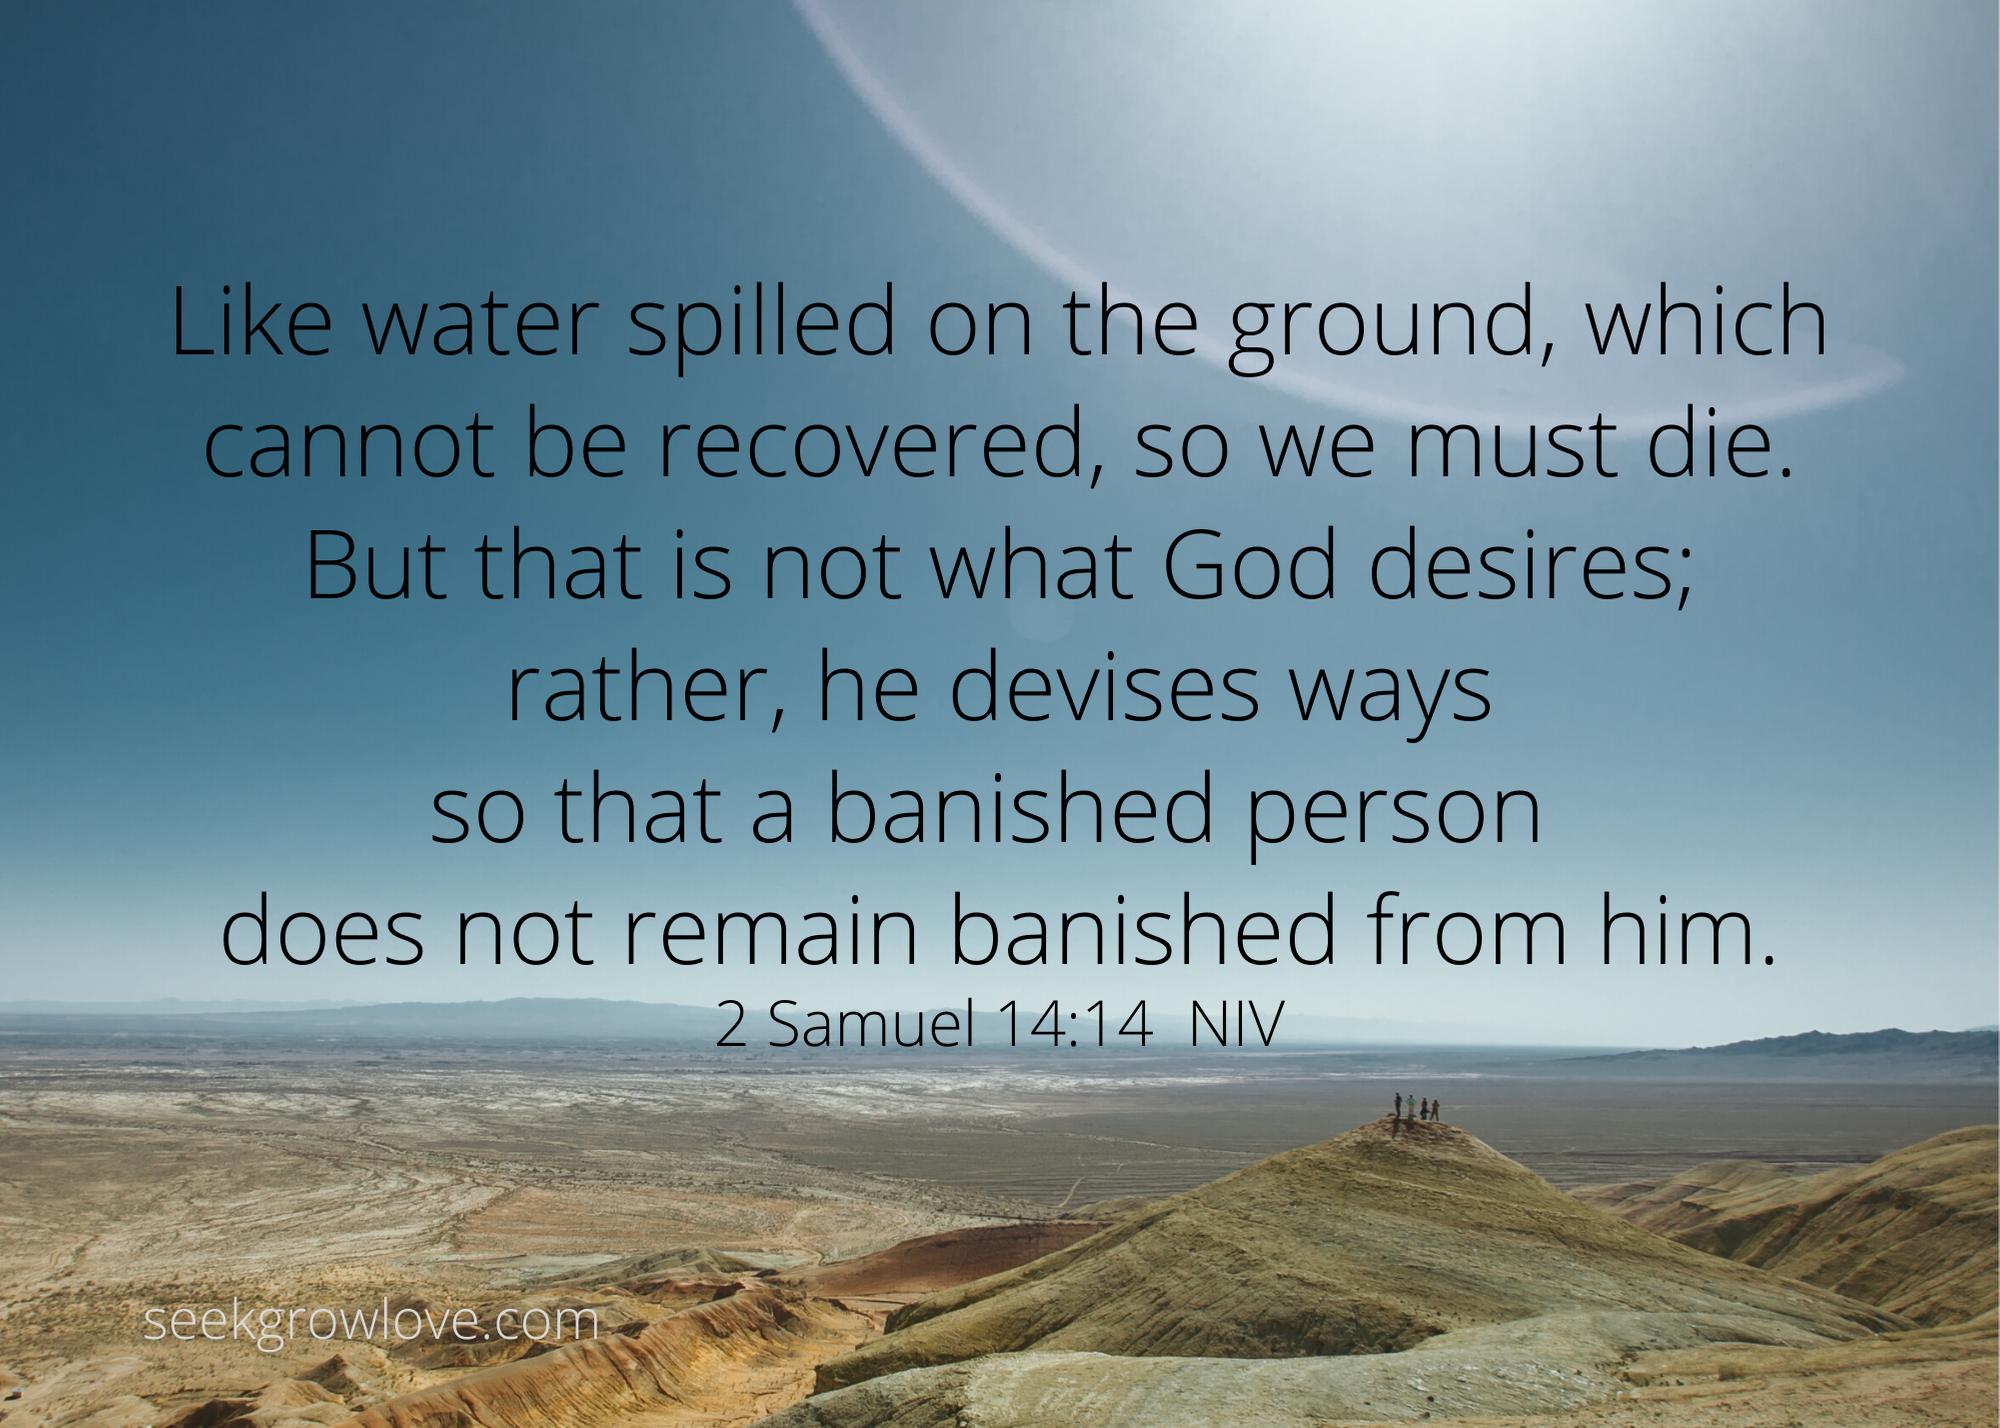 2 Samuel 14 14 NIV sgl